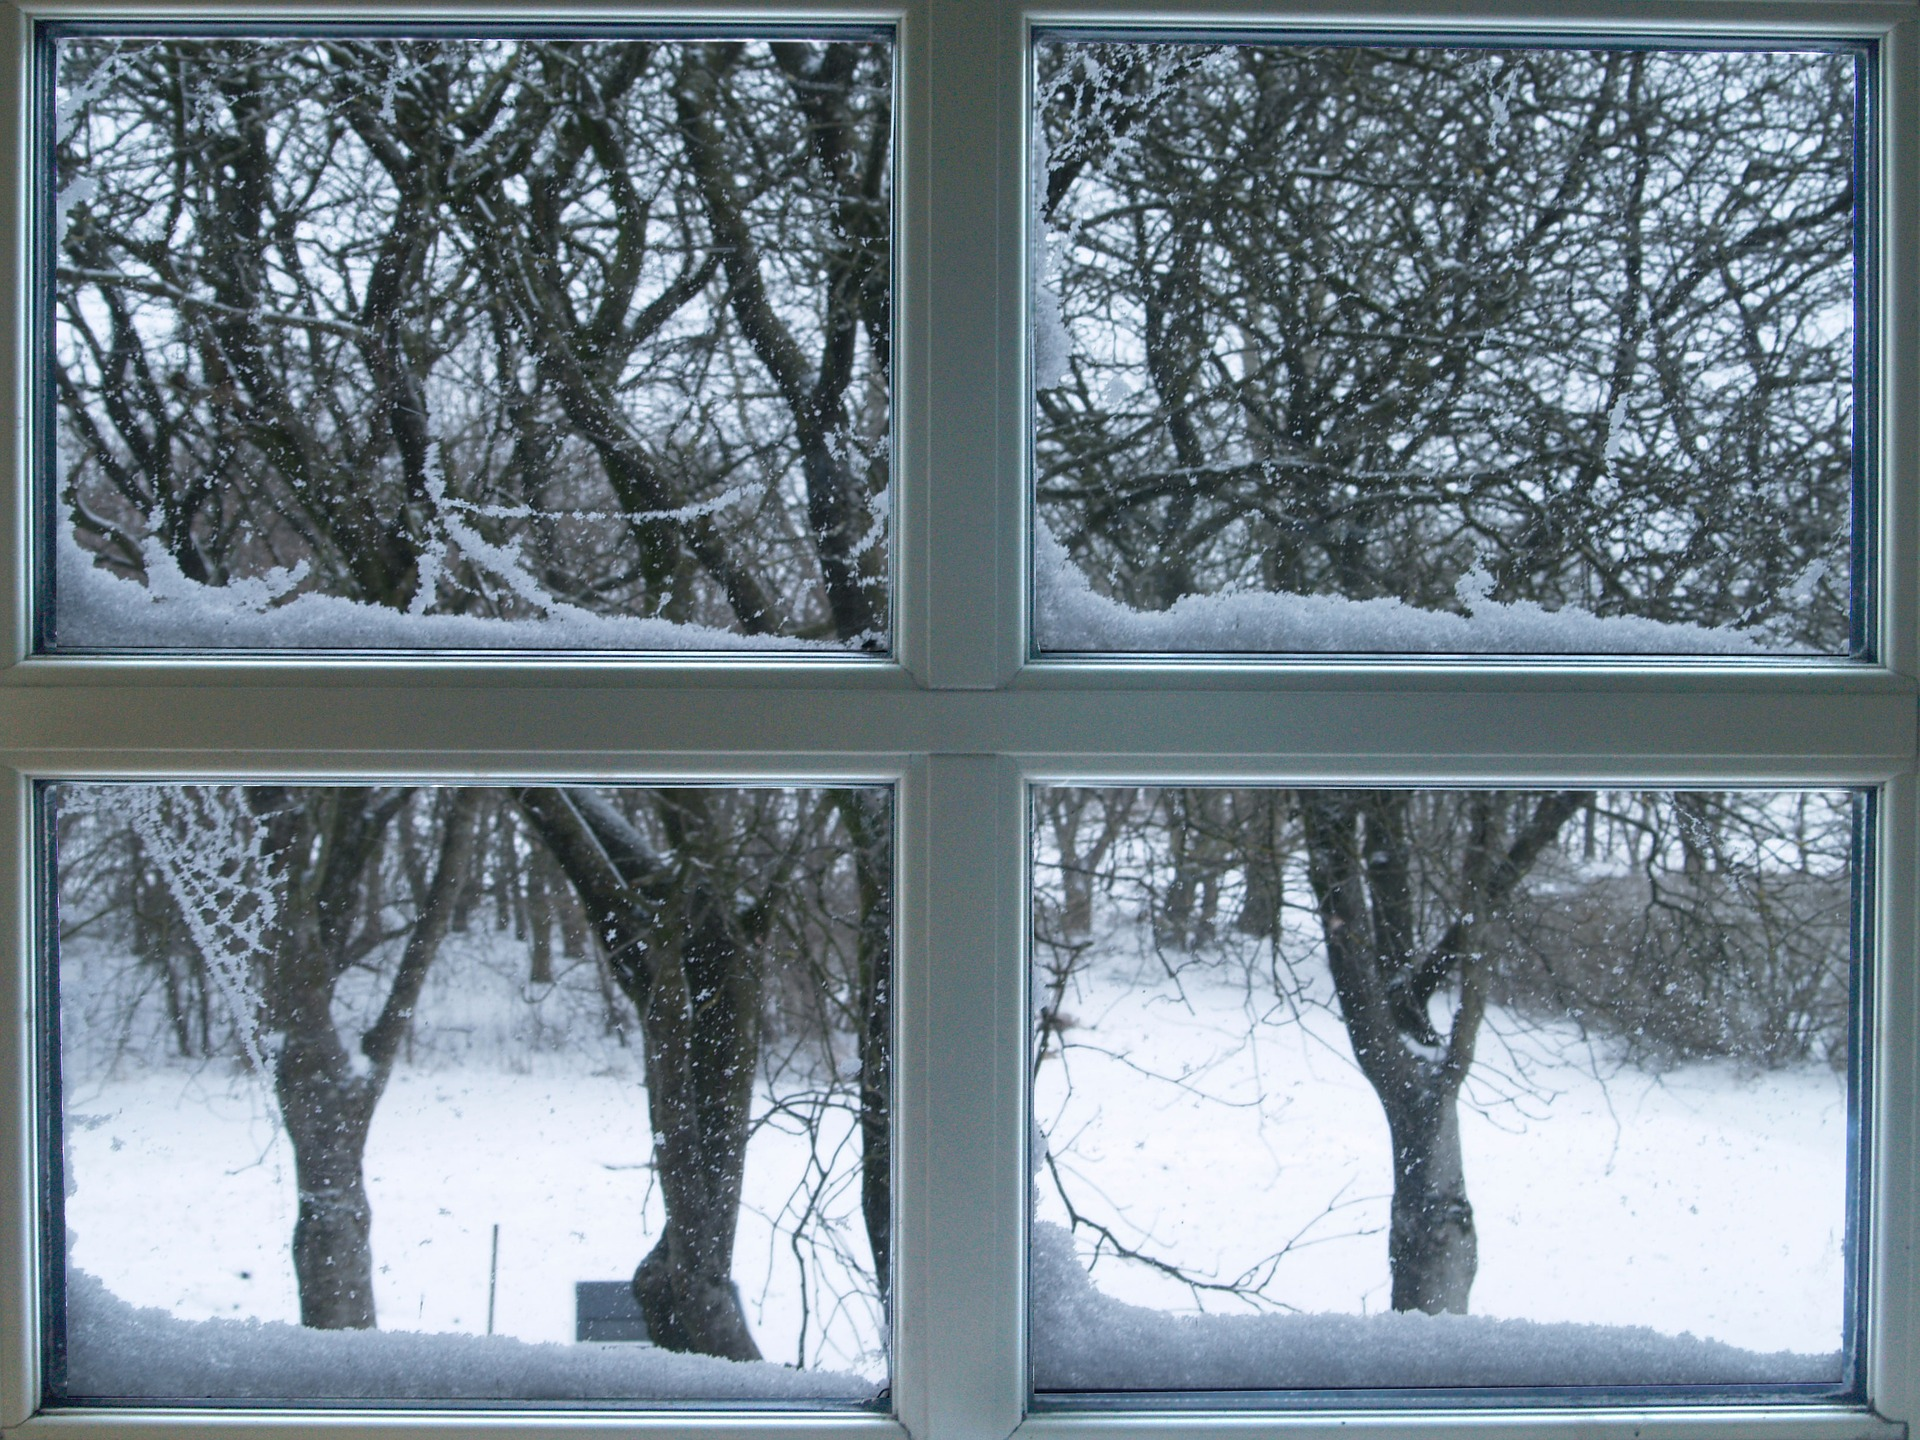 Oft gefragt: Wie spare ich Energiekosten mit neuen Fenstern?